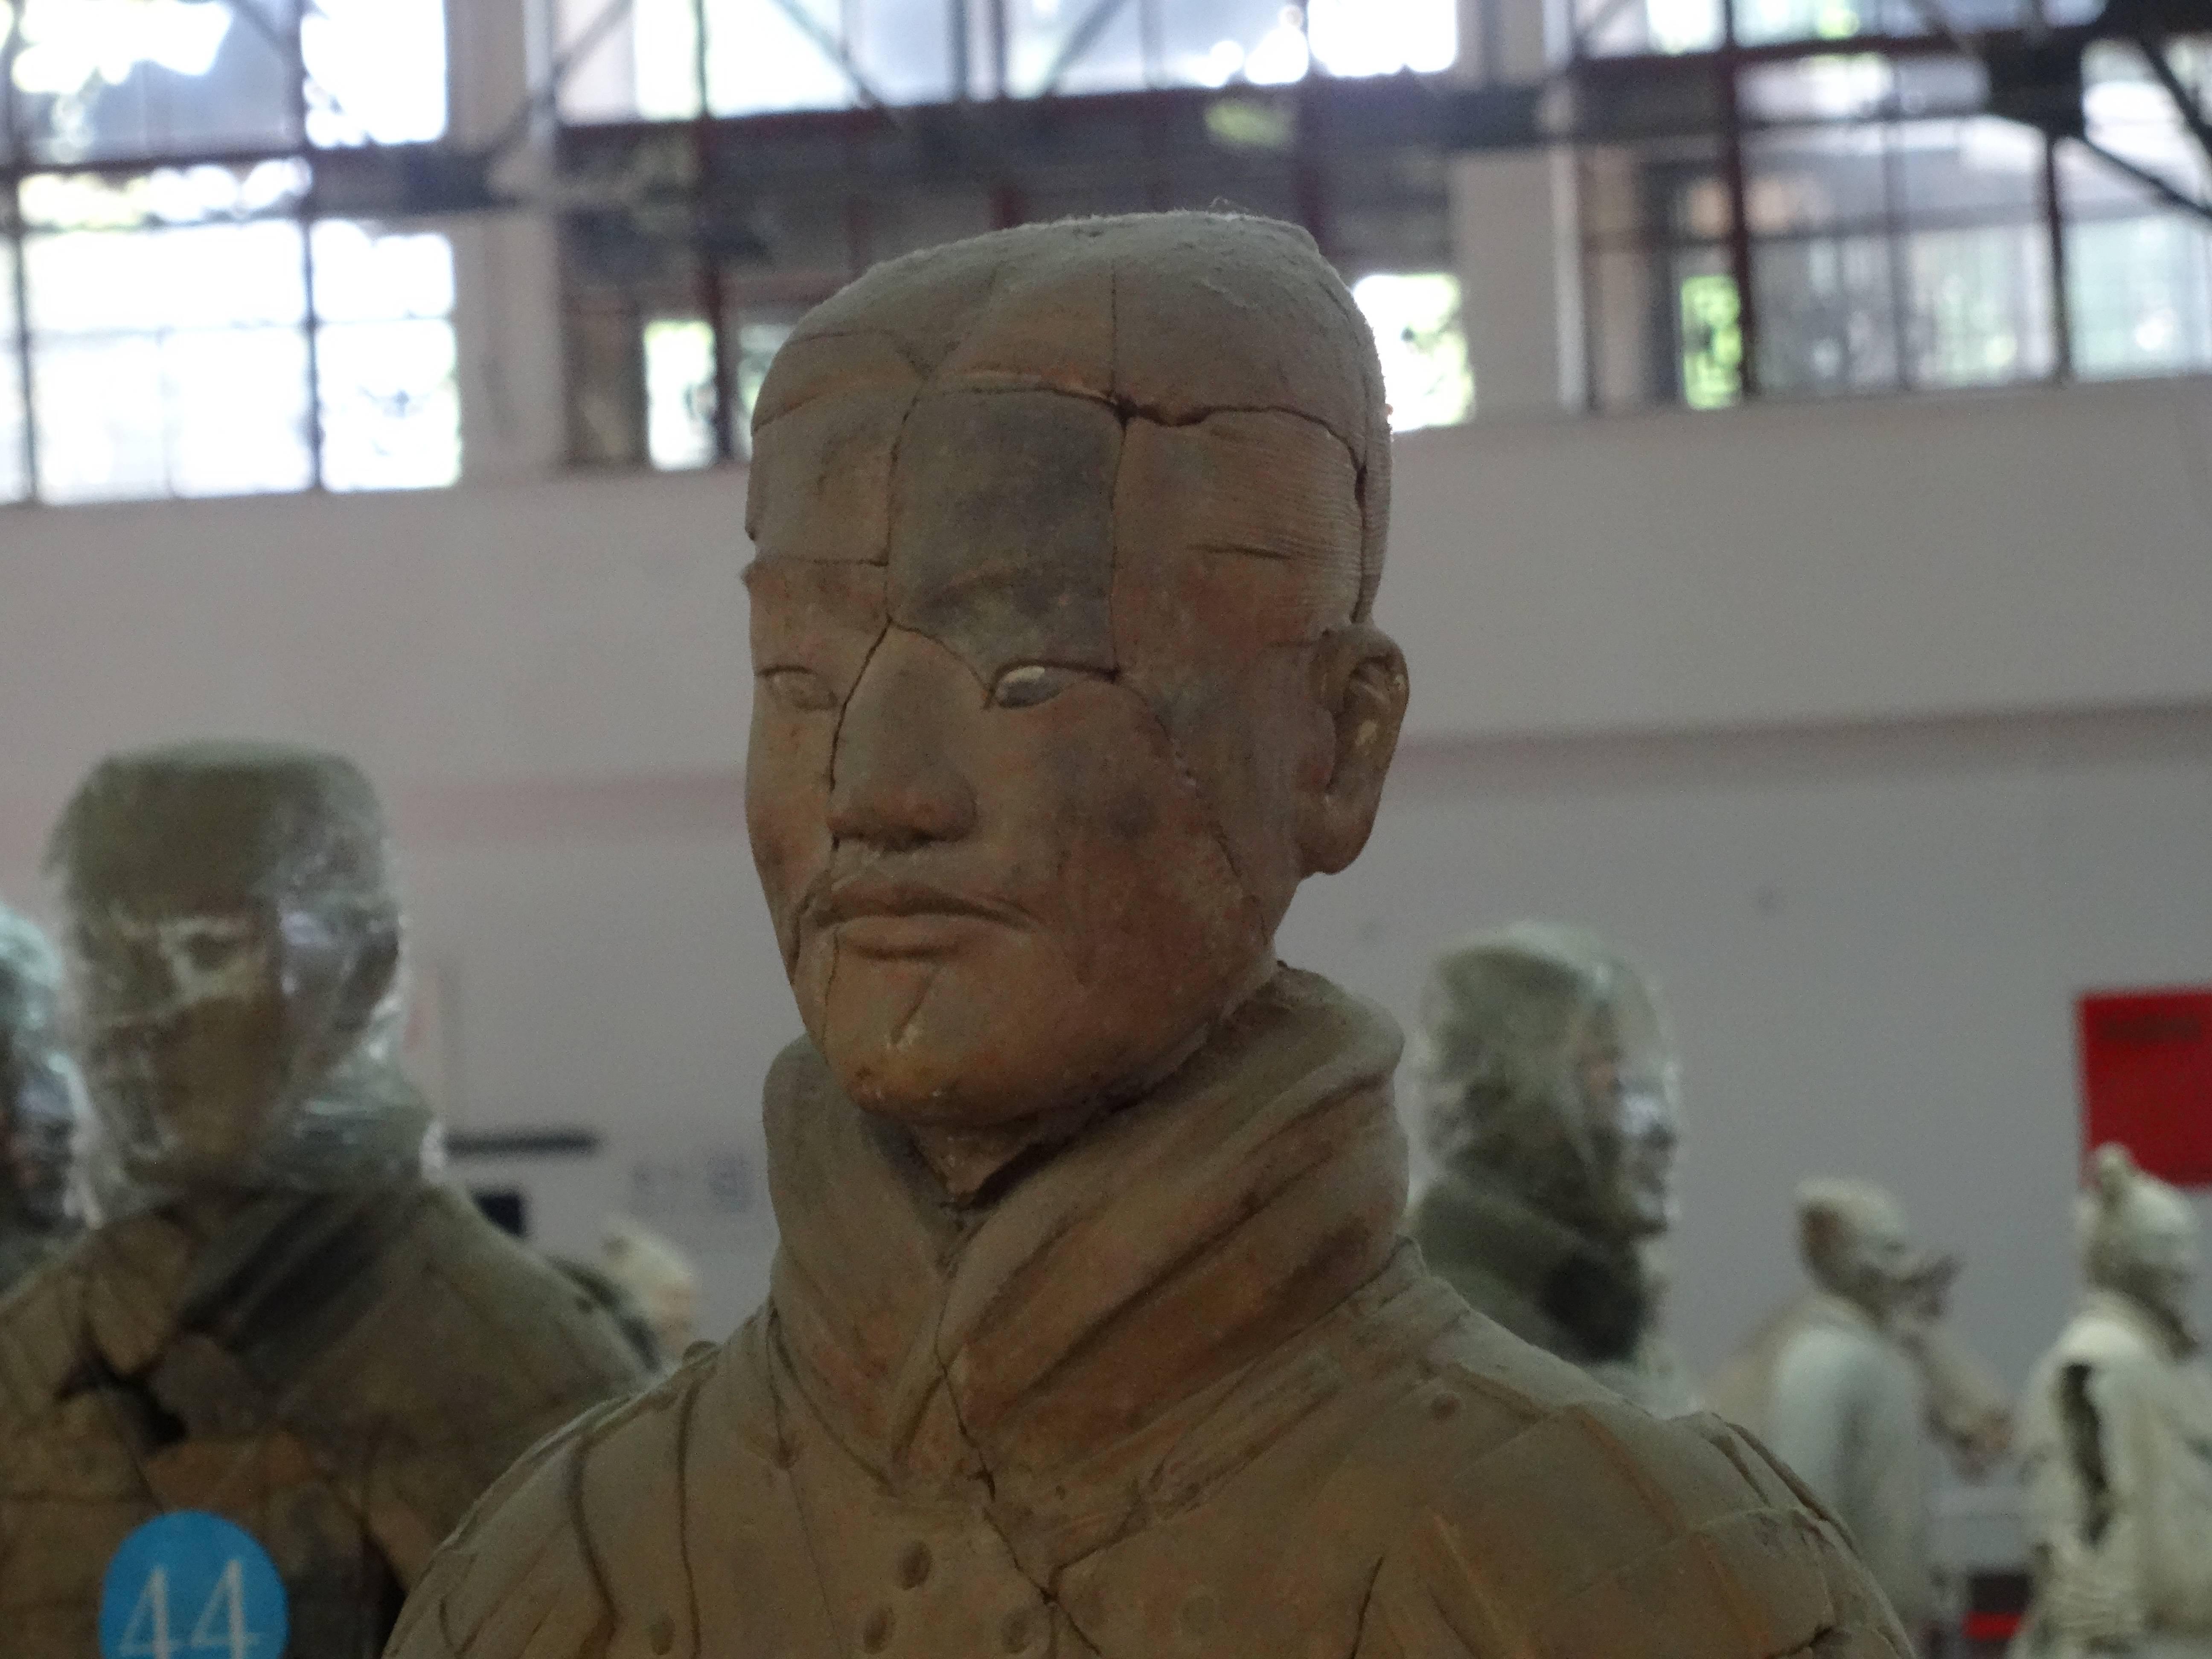 Photo 3: L'Armée de terre cuite à Xi'An, Chine. Un rêve réalisé...